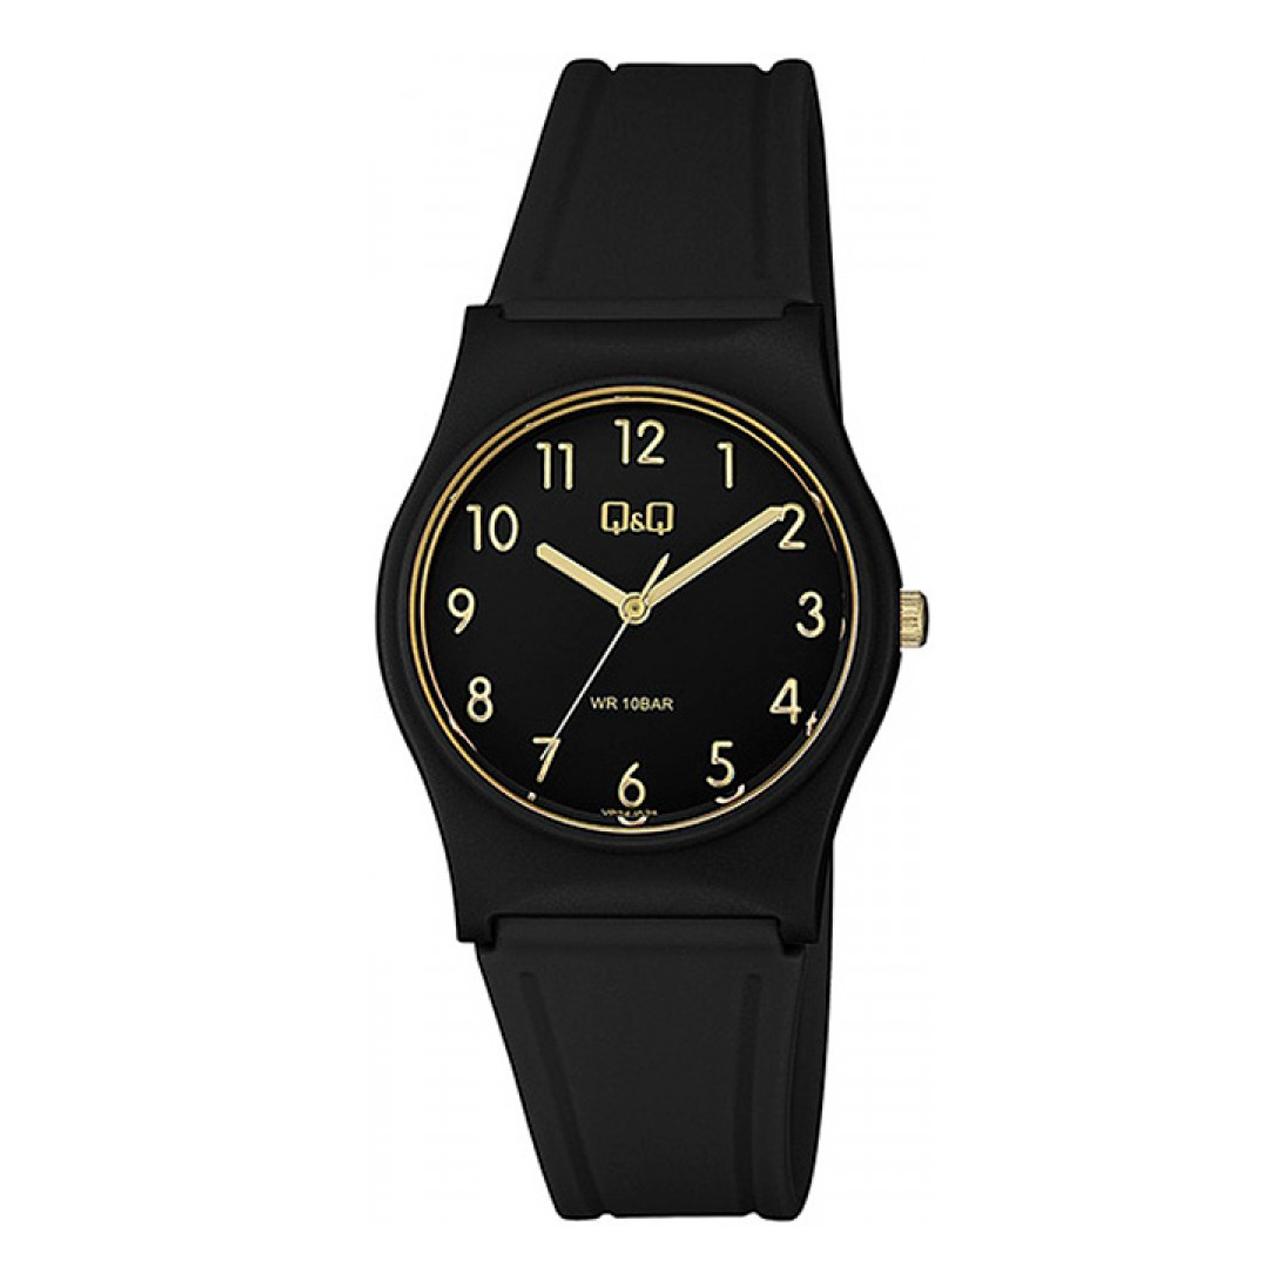 ساعت مچی عقربه ای زنانه کیو اند کیو مدل vp34j074y به همراه دستمال مخصوص کلین واچ 49